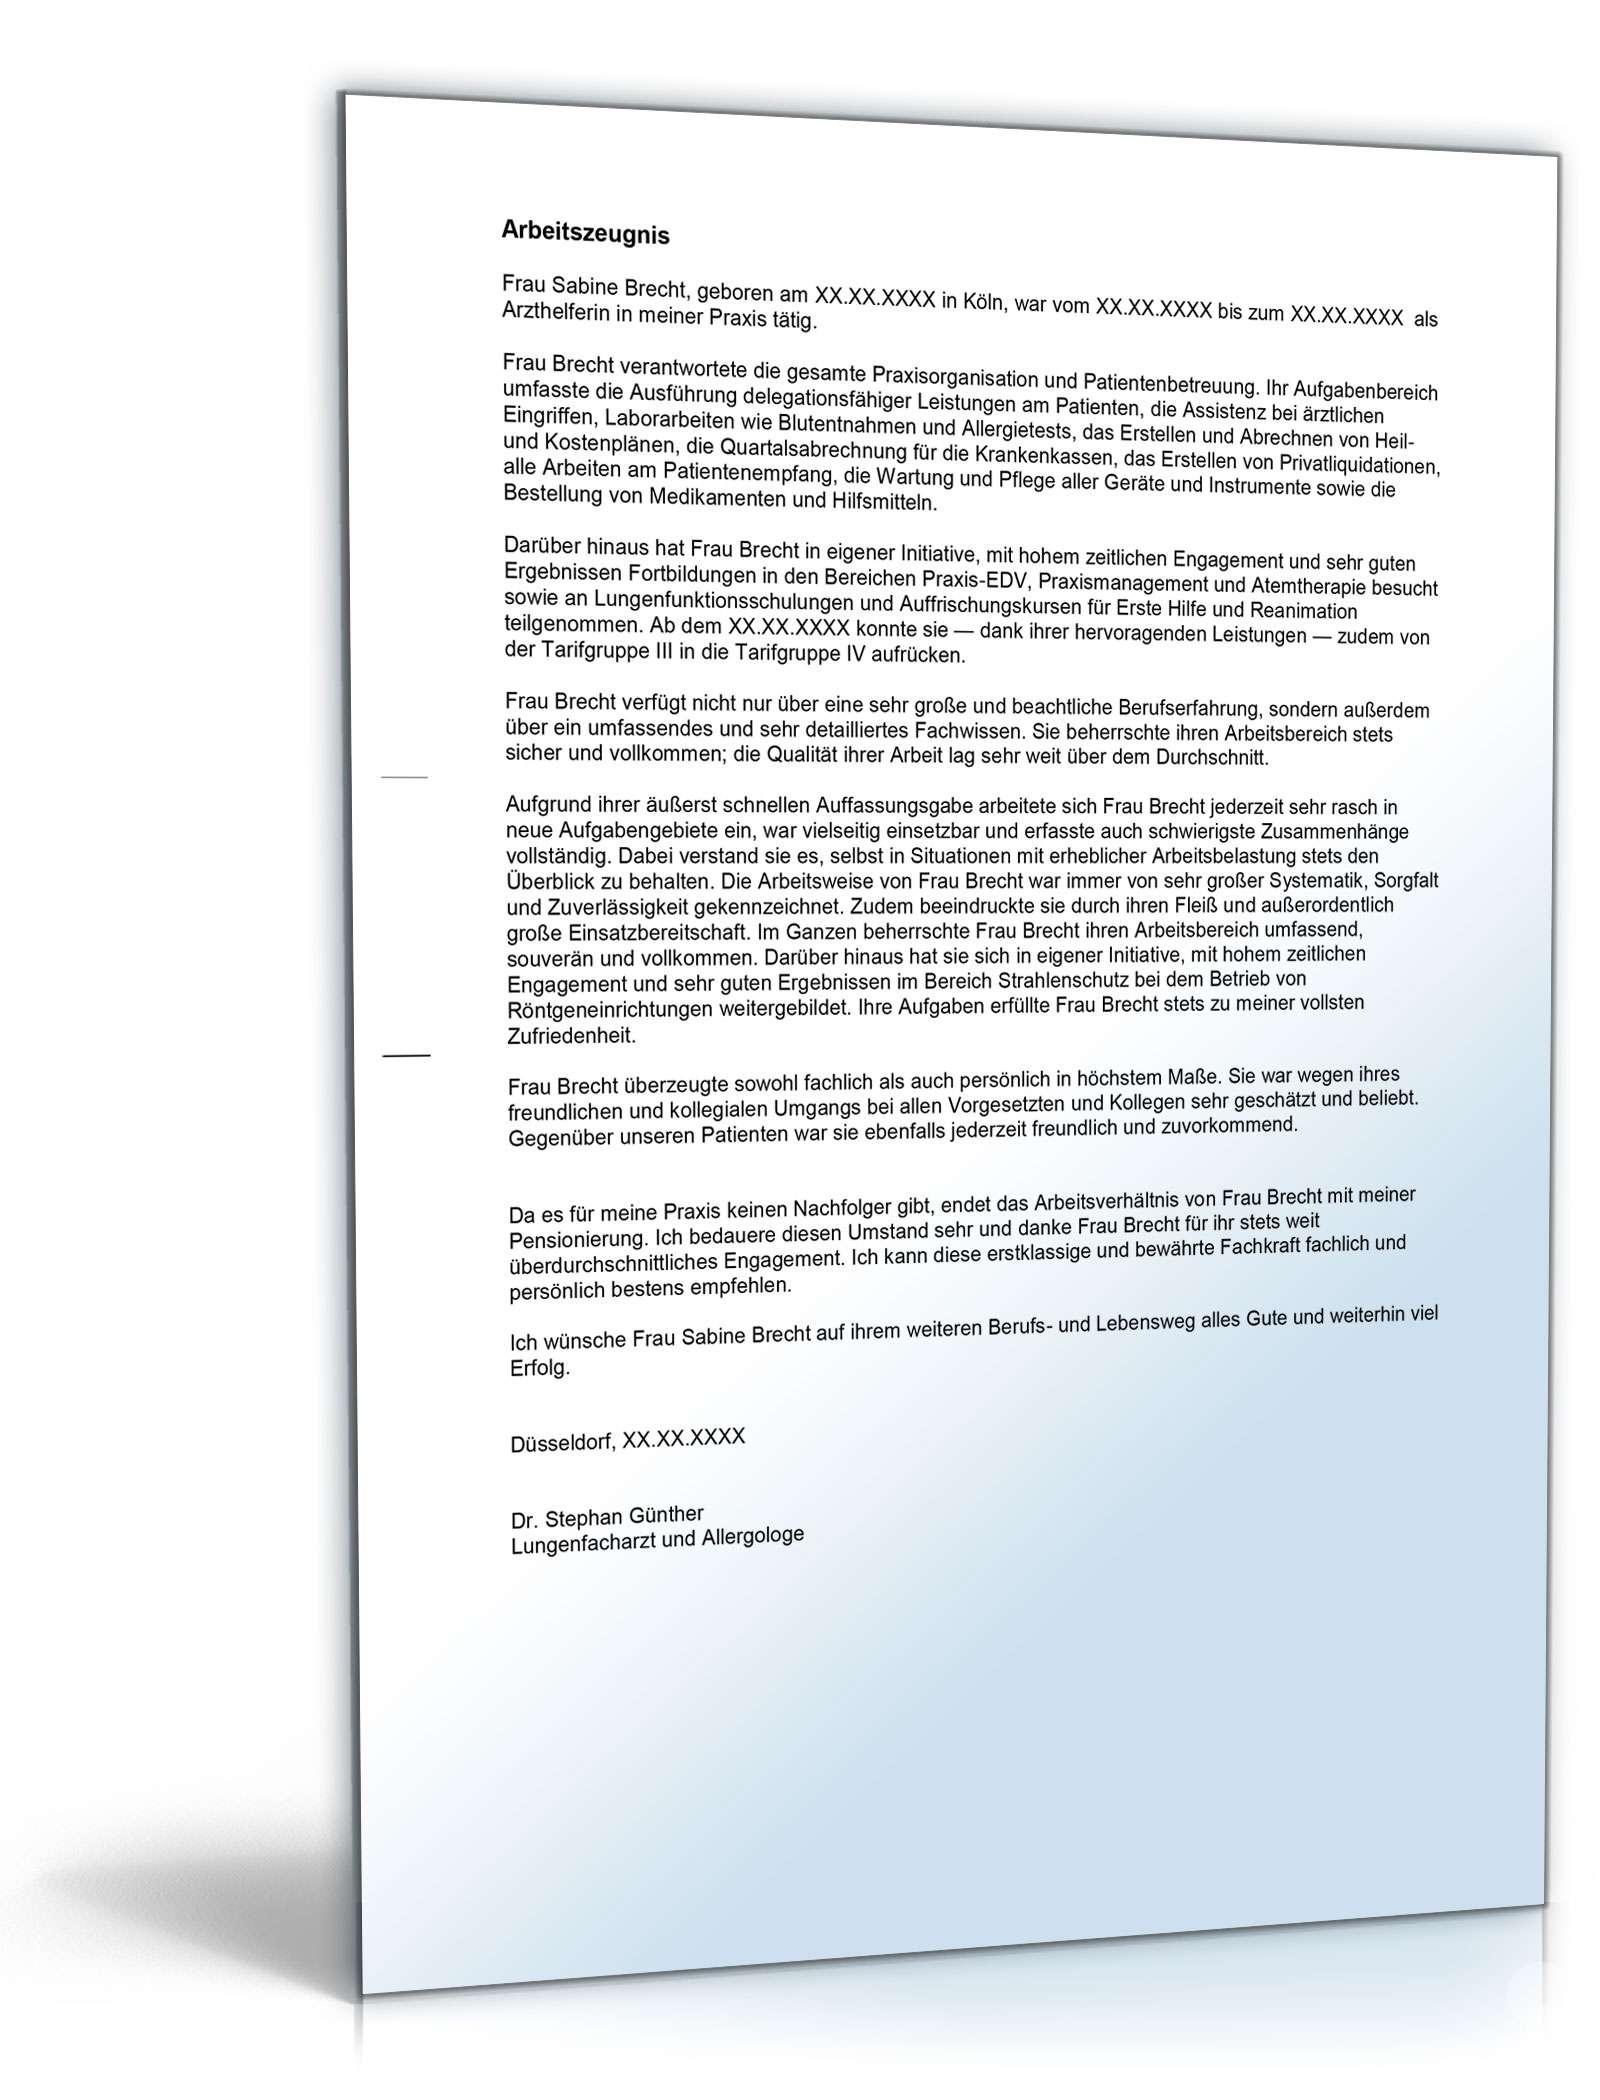 Arbeitszeugnis Arzthelferin Rechtssichere Muster Zum Download